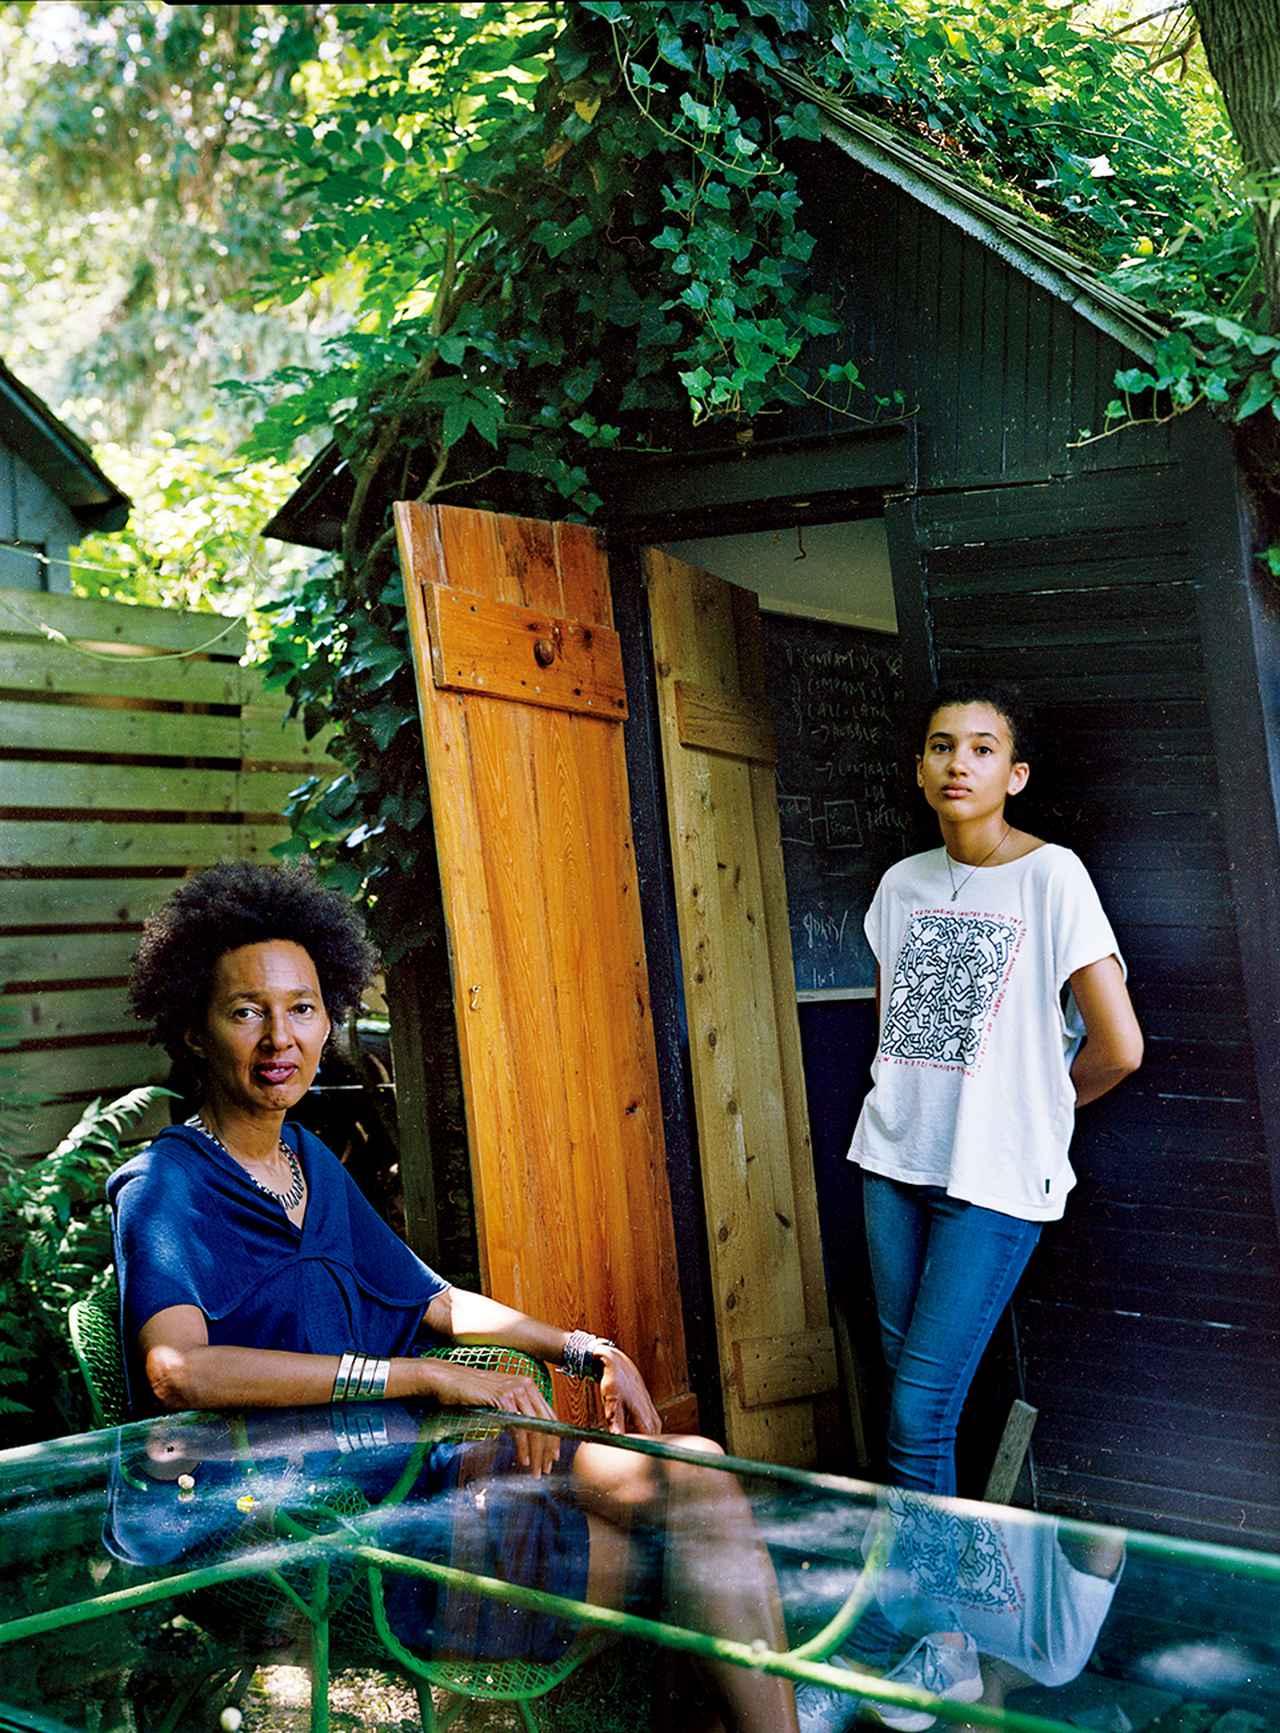 Images : 7番目の画像 - 「黒人コミュニティをつくりあげた 家族たちのパイオニア・スピリット」のアルバム - T JAPAN:The New York Times Style Magazine 公式サイト